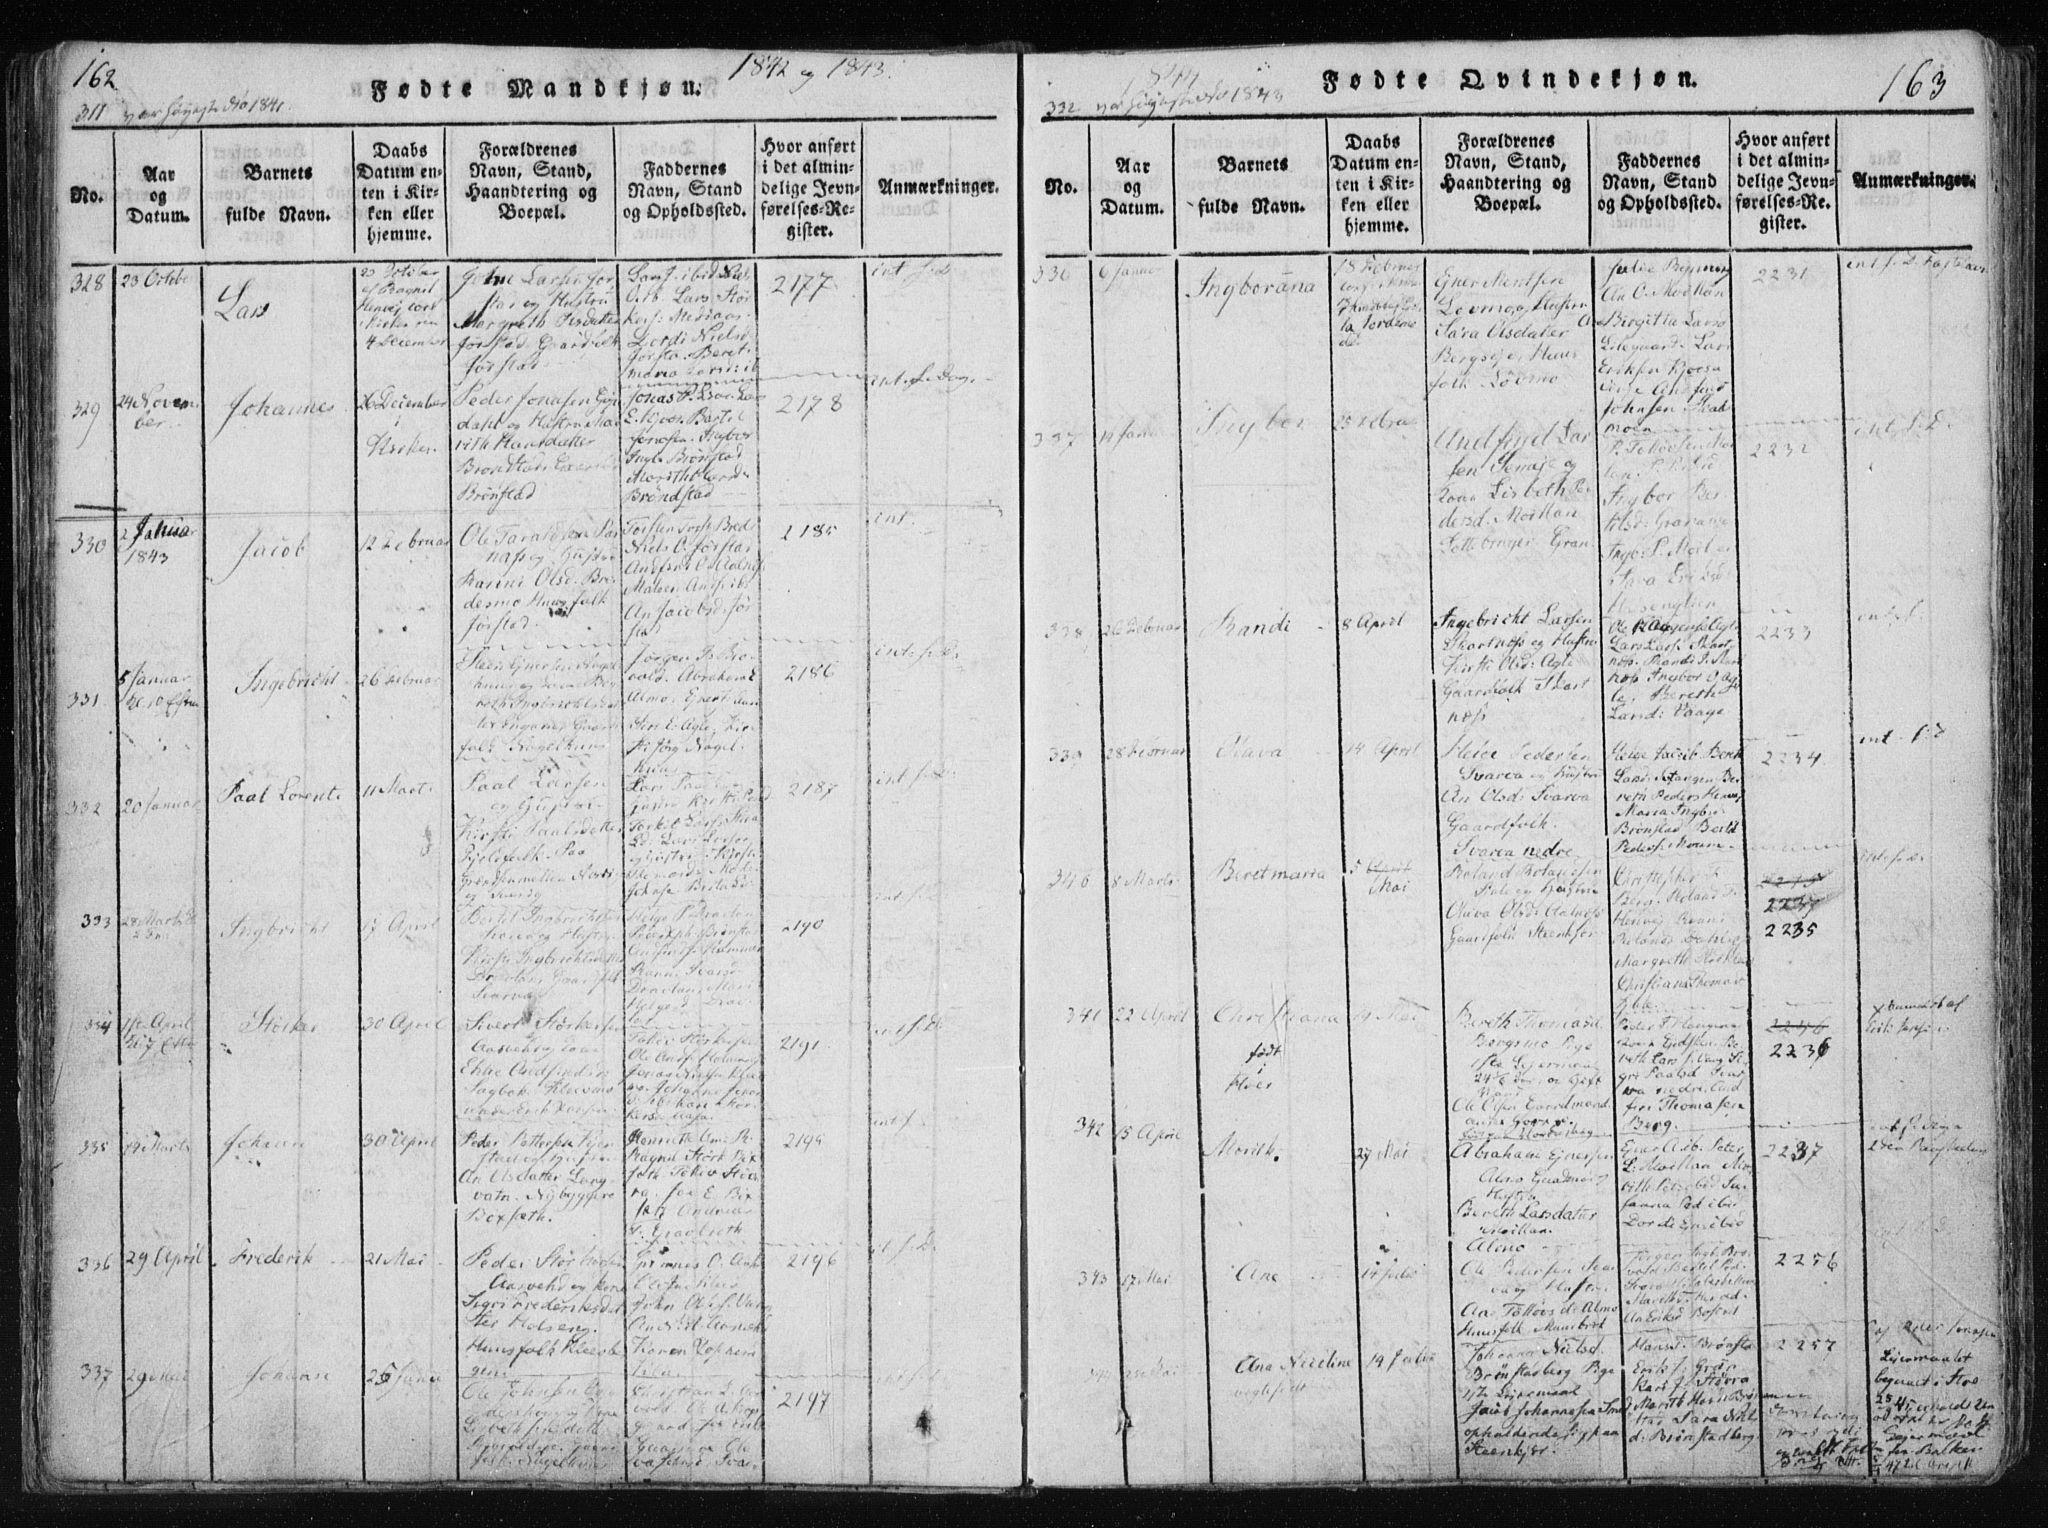 SAT, Ministerialprotokoller, klokkerbøker og fødselsregistre - Nord-Trøndelag, 749/L0469: Ministerialbok nr. 749A03, 1817-1857, s. 162-163